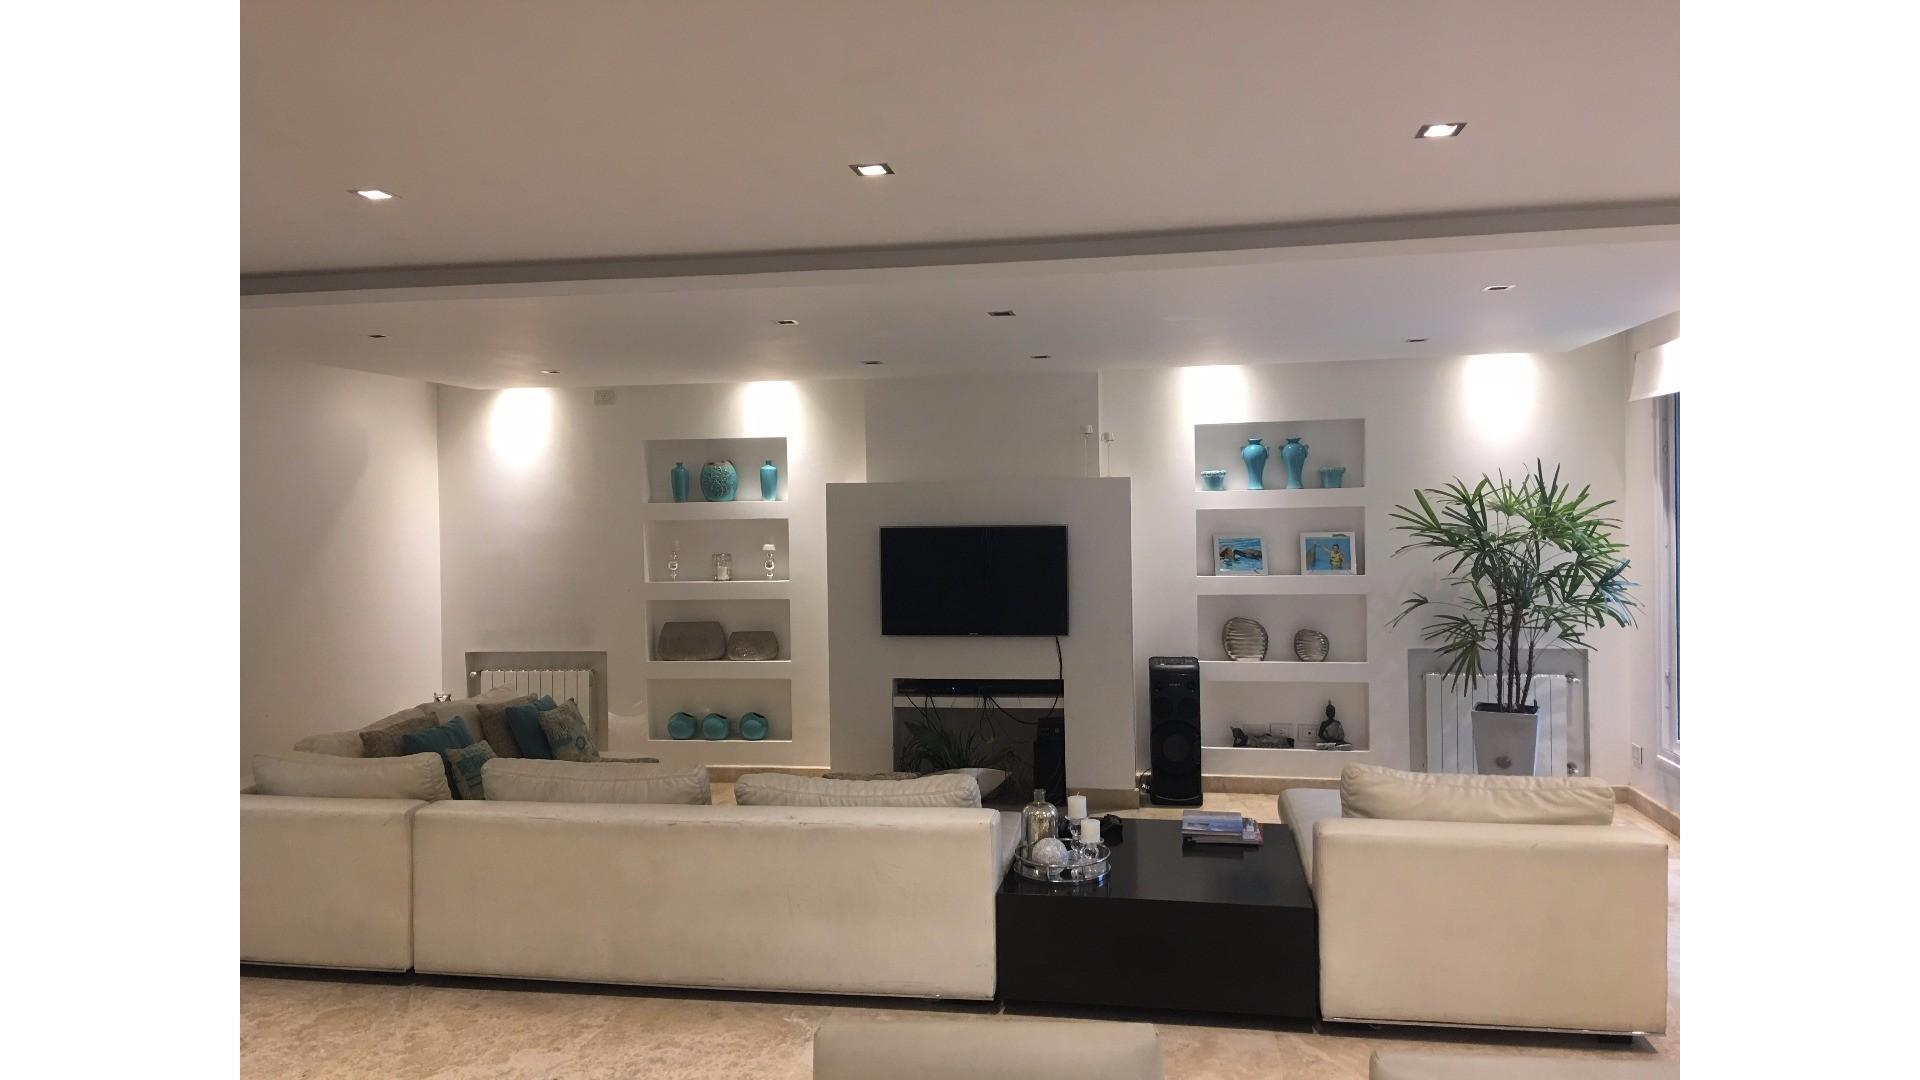 Excelente casa semi nueva de primerisima catagoria muy amplia con piscina en zona residencial